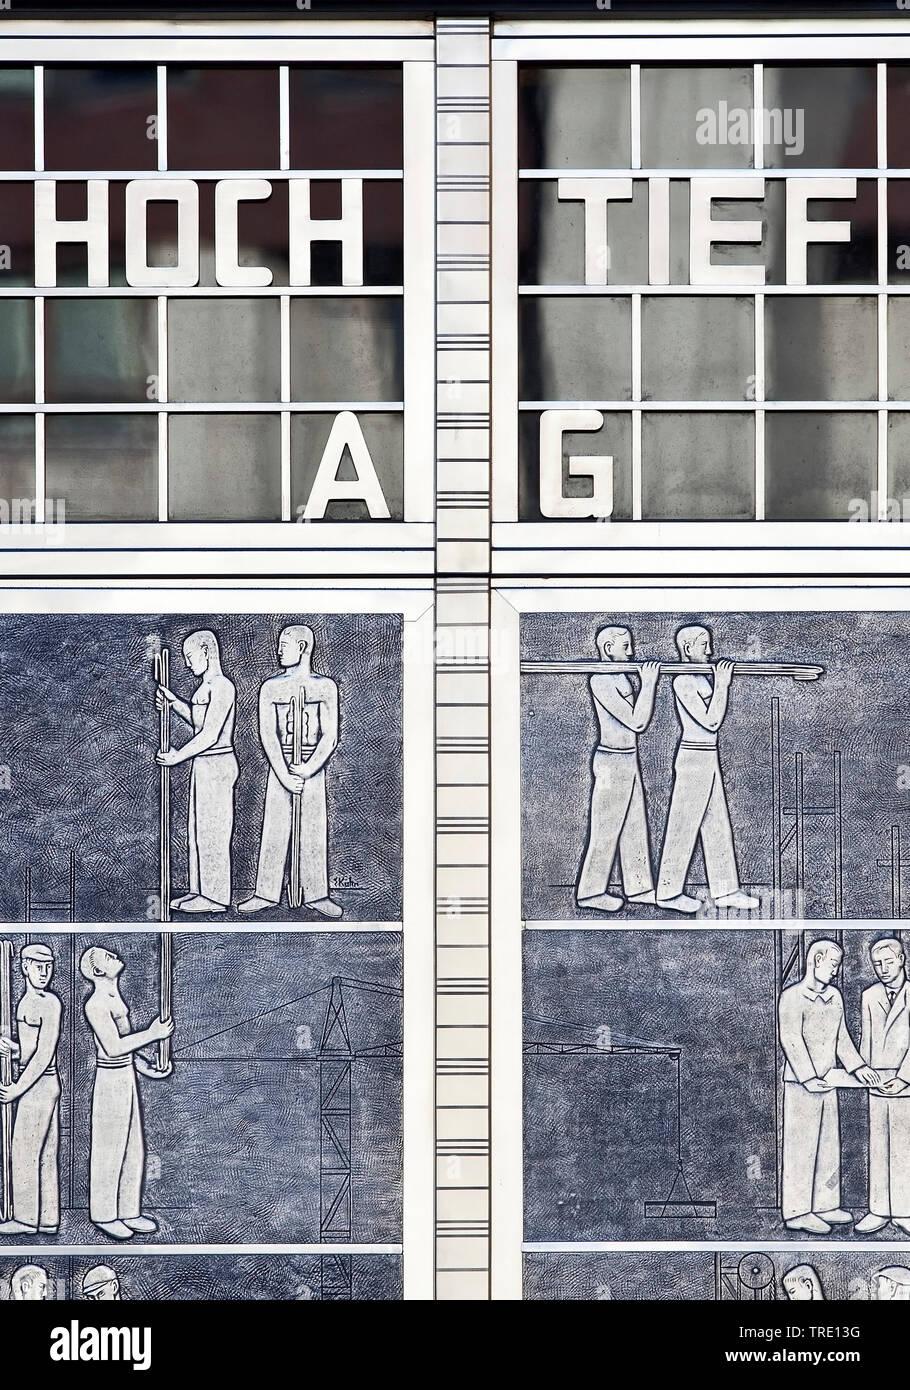 Hochtief Aktiengesellschaft, historischer Eingang der Unternehmenszentrale, Hochtiefhaus, Deutschland, Nordrhein-Westfalen, Ruhrgebiet, Essen | histor - Stock Image